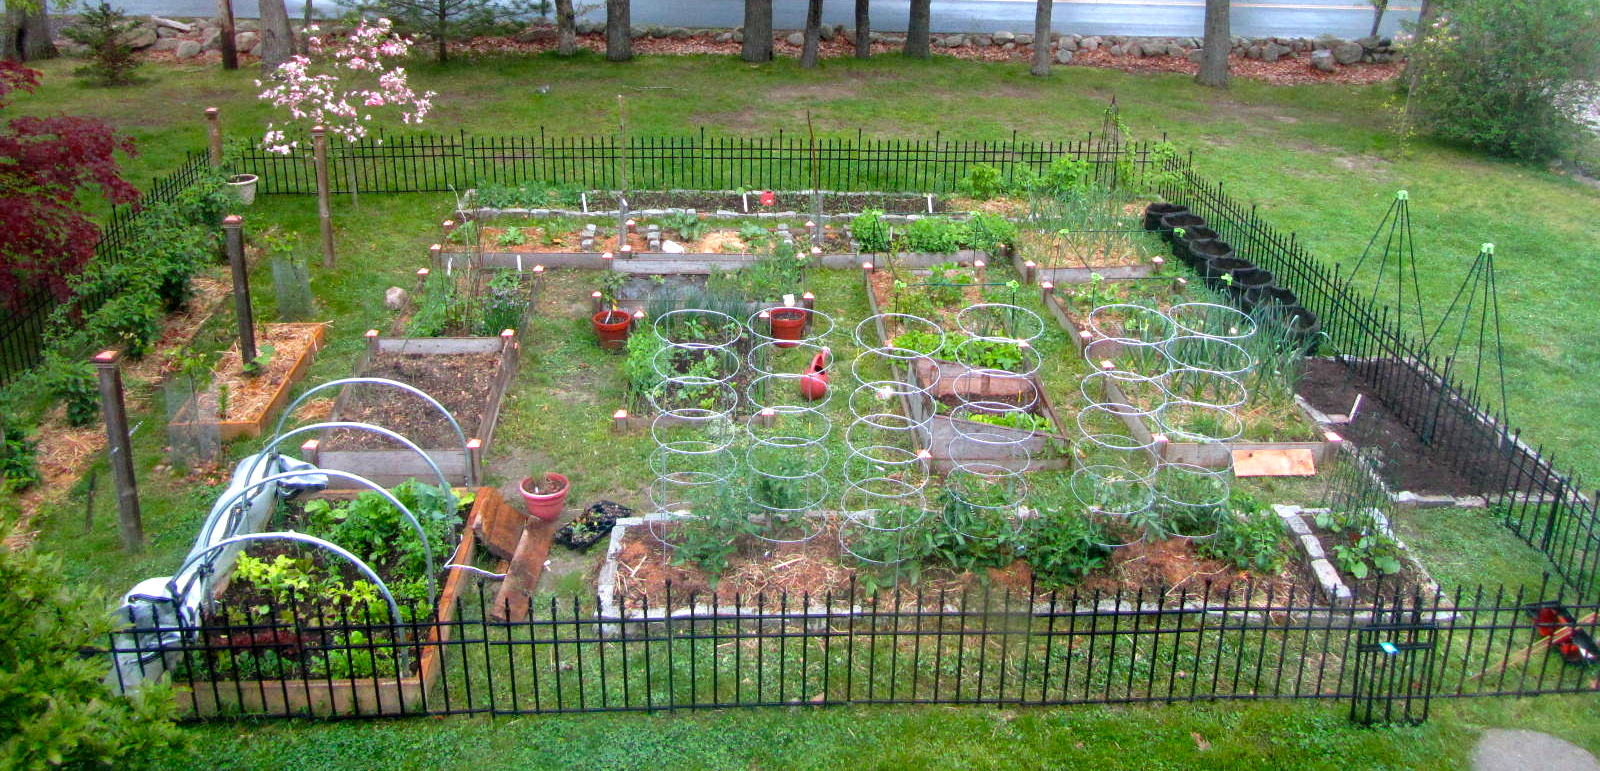 How My Garden Grows Garden Plans